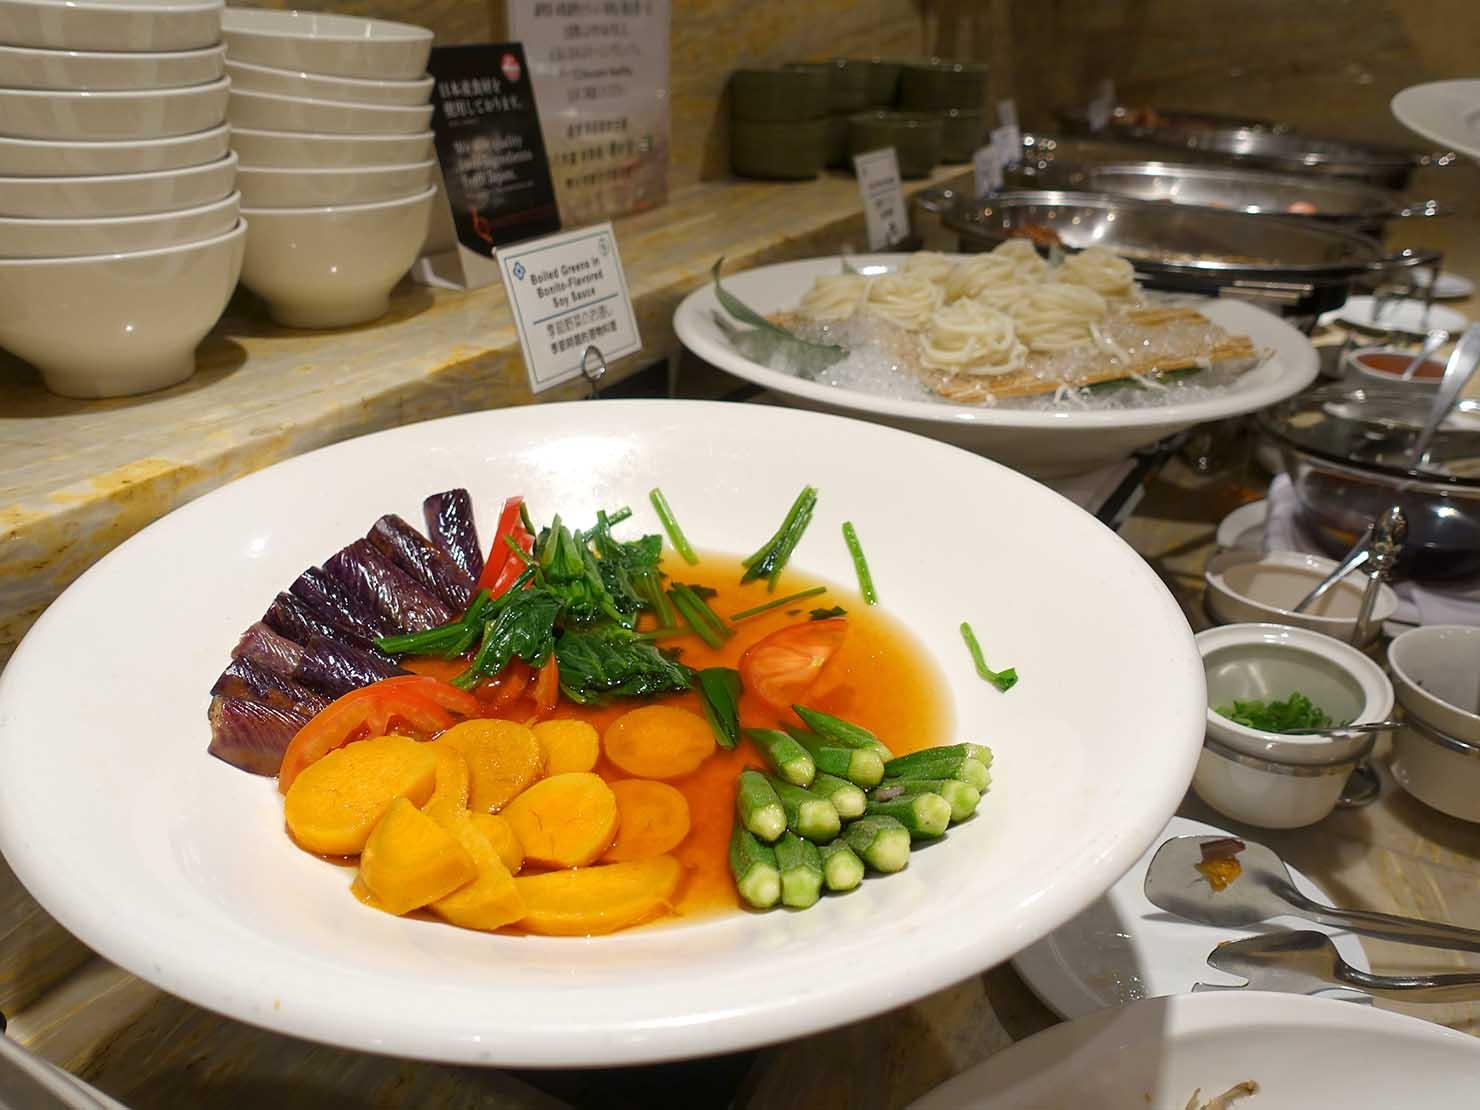 台北のおすすめ4つ星ホテル「歐華酒店(リビエラホテル)」のビュッフェモーニング(野菜)